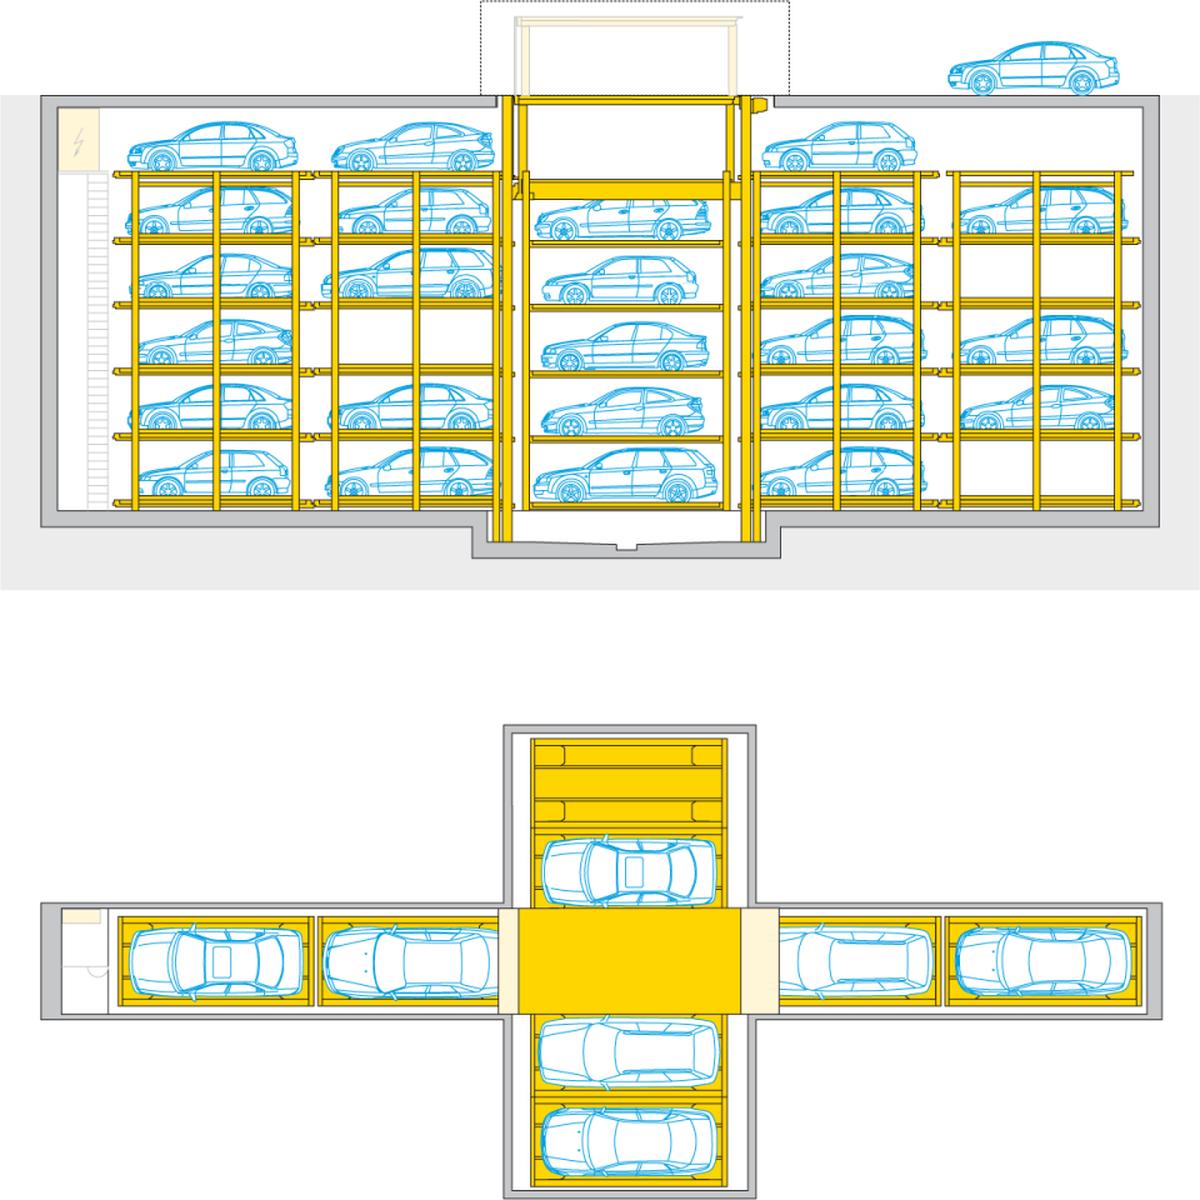 impianto di parcheggio automatico Crossparker 558